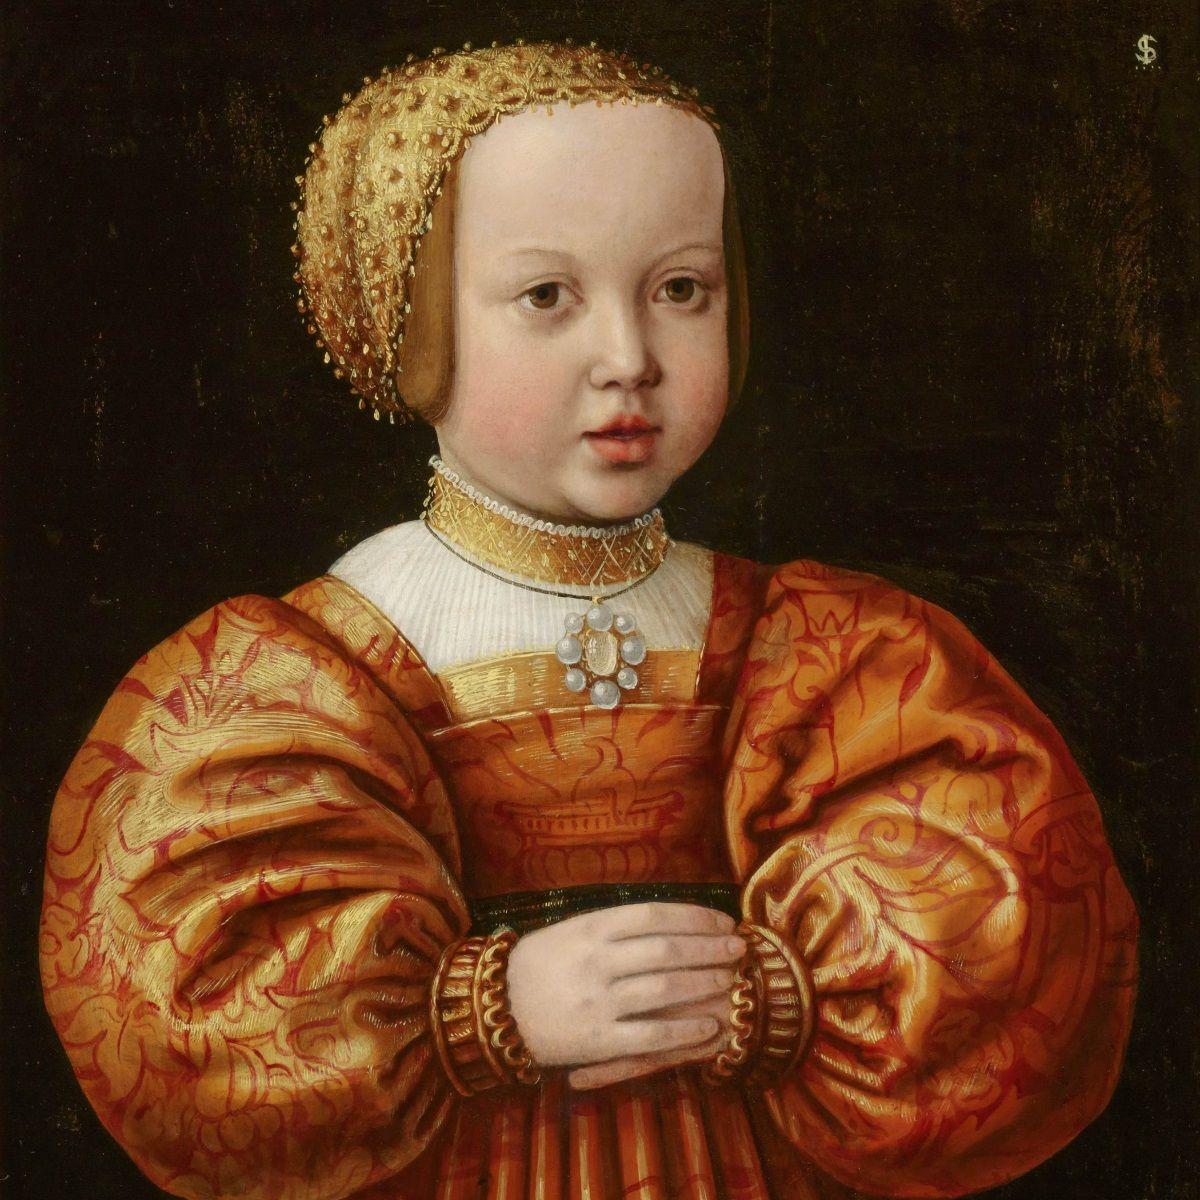 Elżbieta Habsburżanka jako 4-letnie dziecko. Portret pędzla Jakoba Seiseneggera z 1530 roku